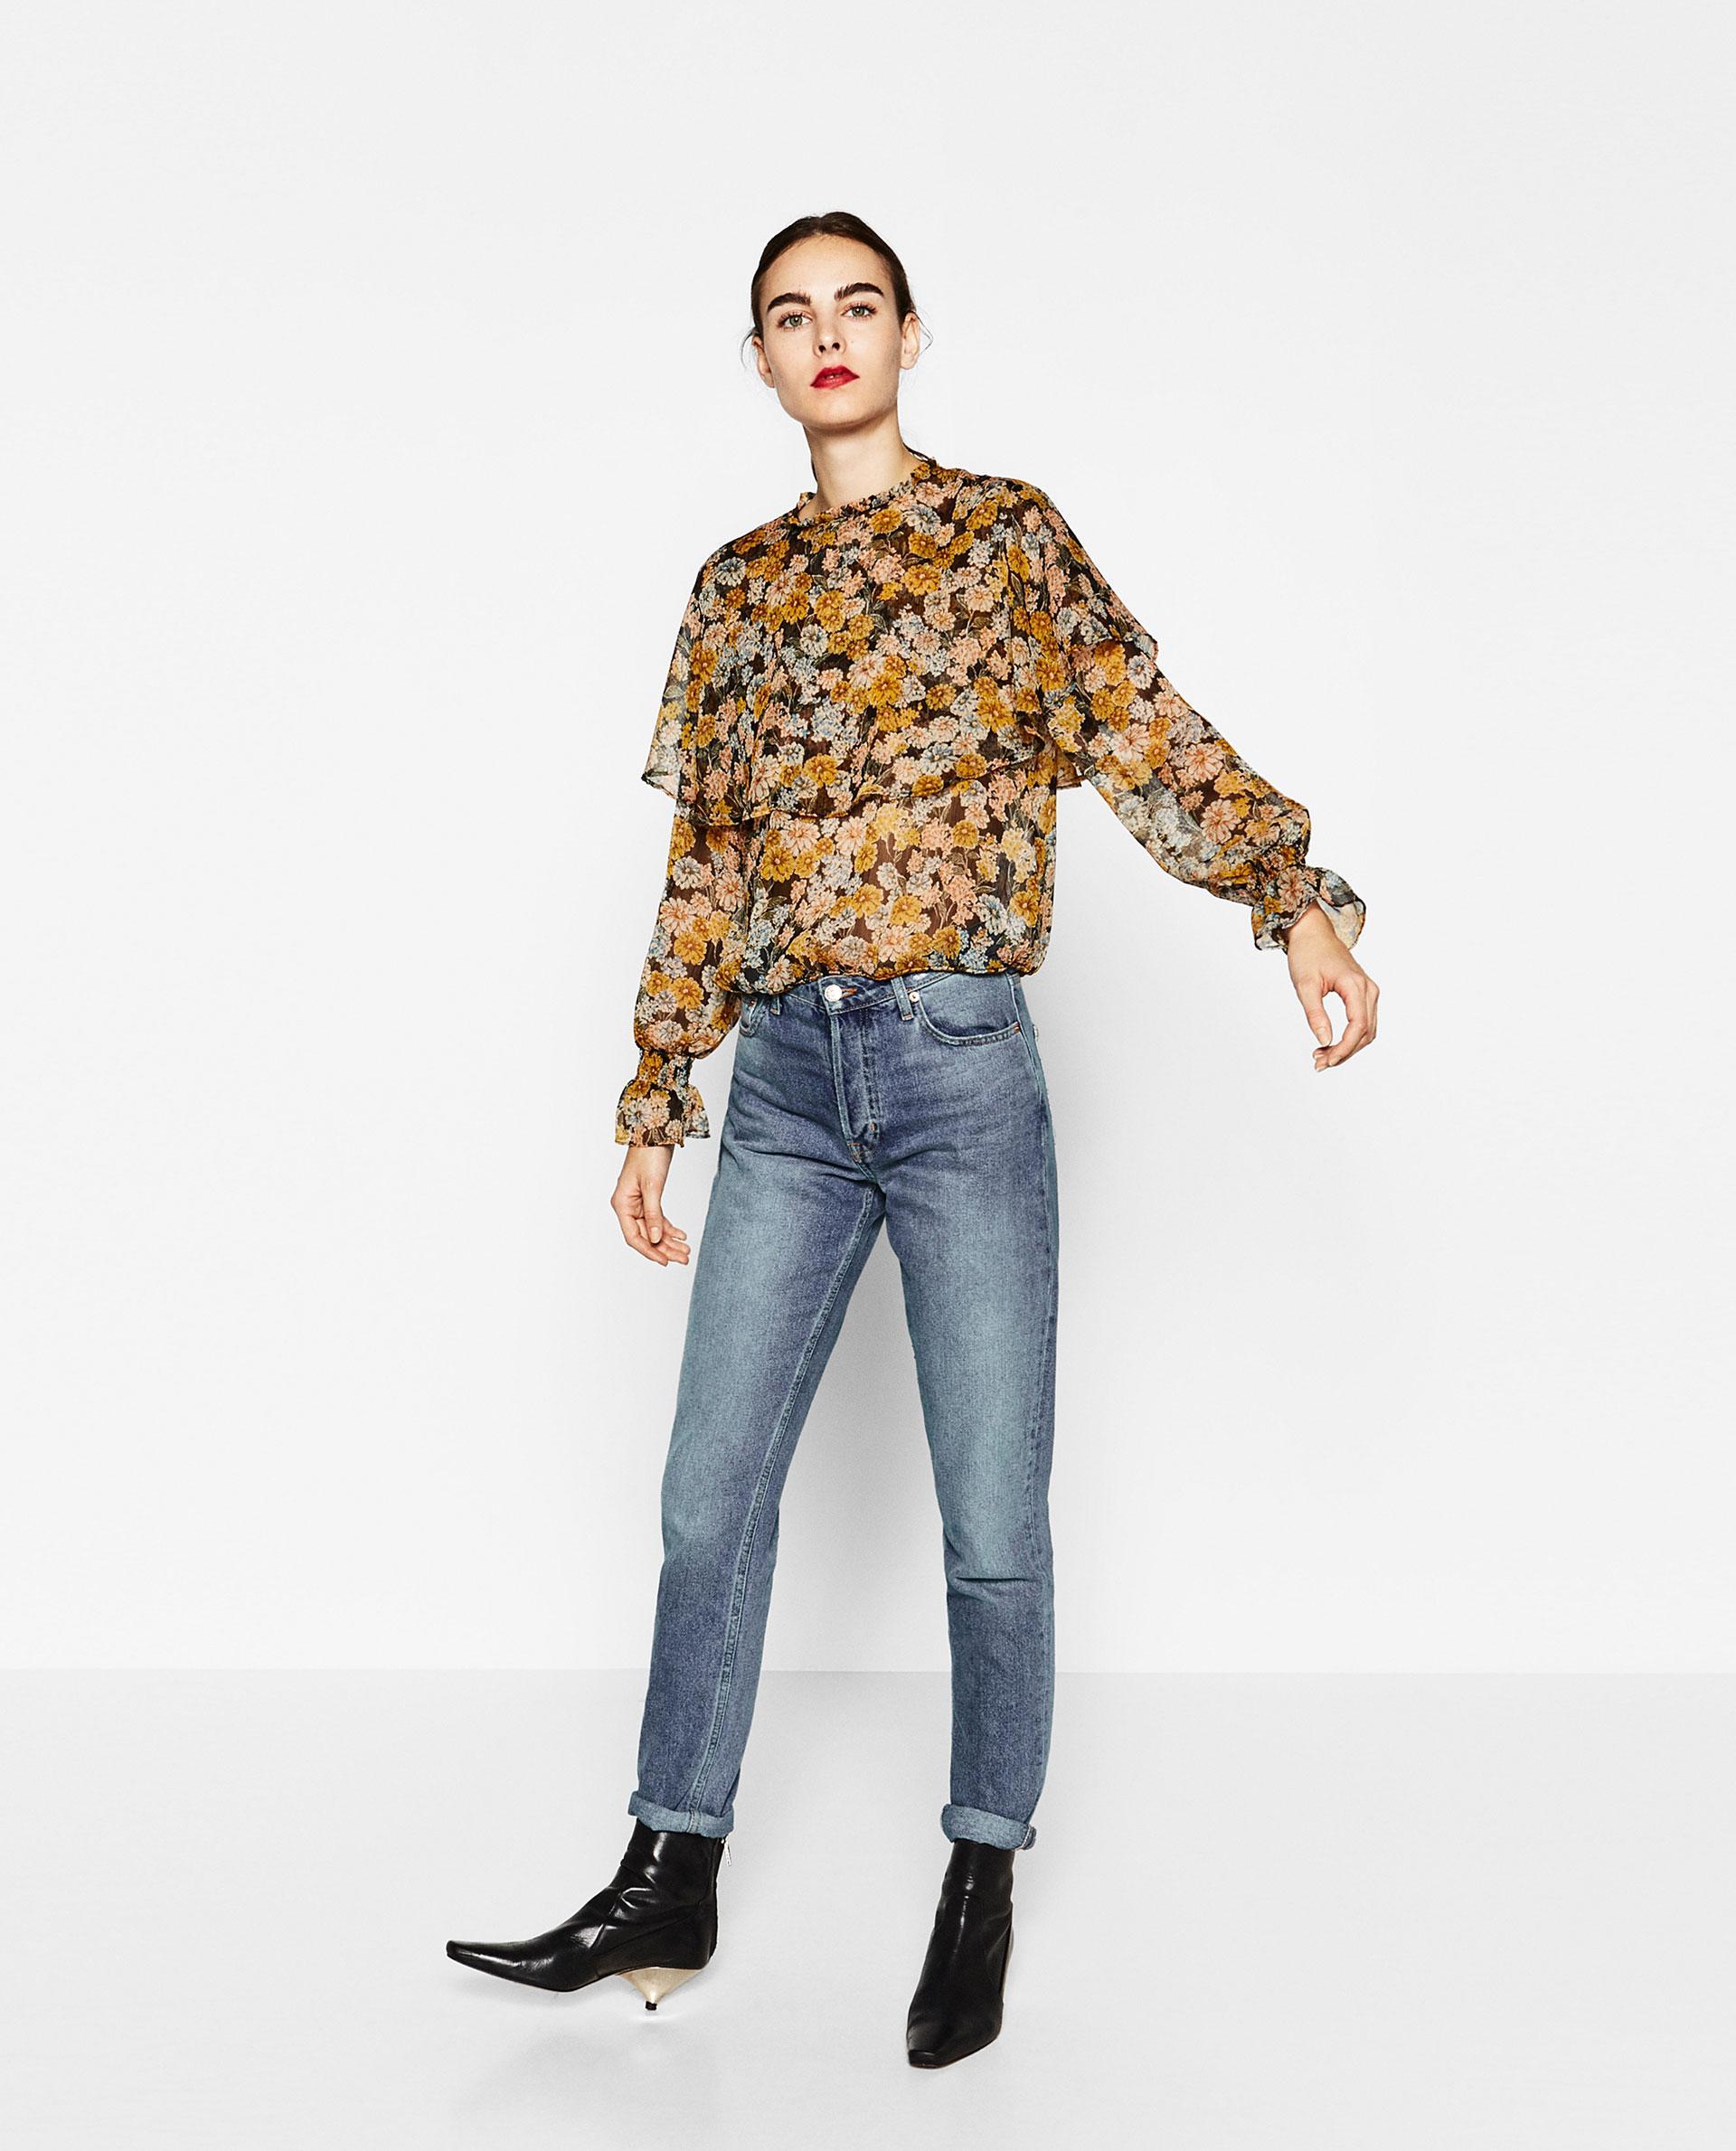 Zara High Neck Blouse 58